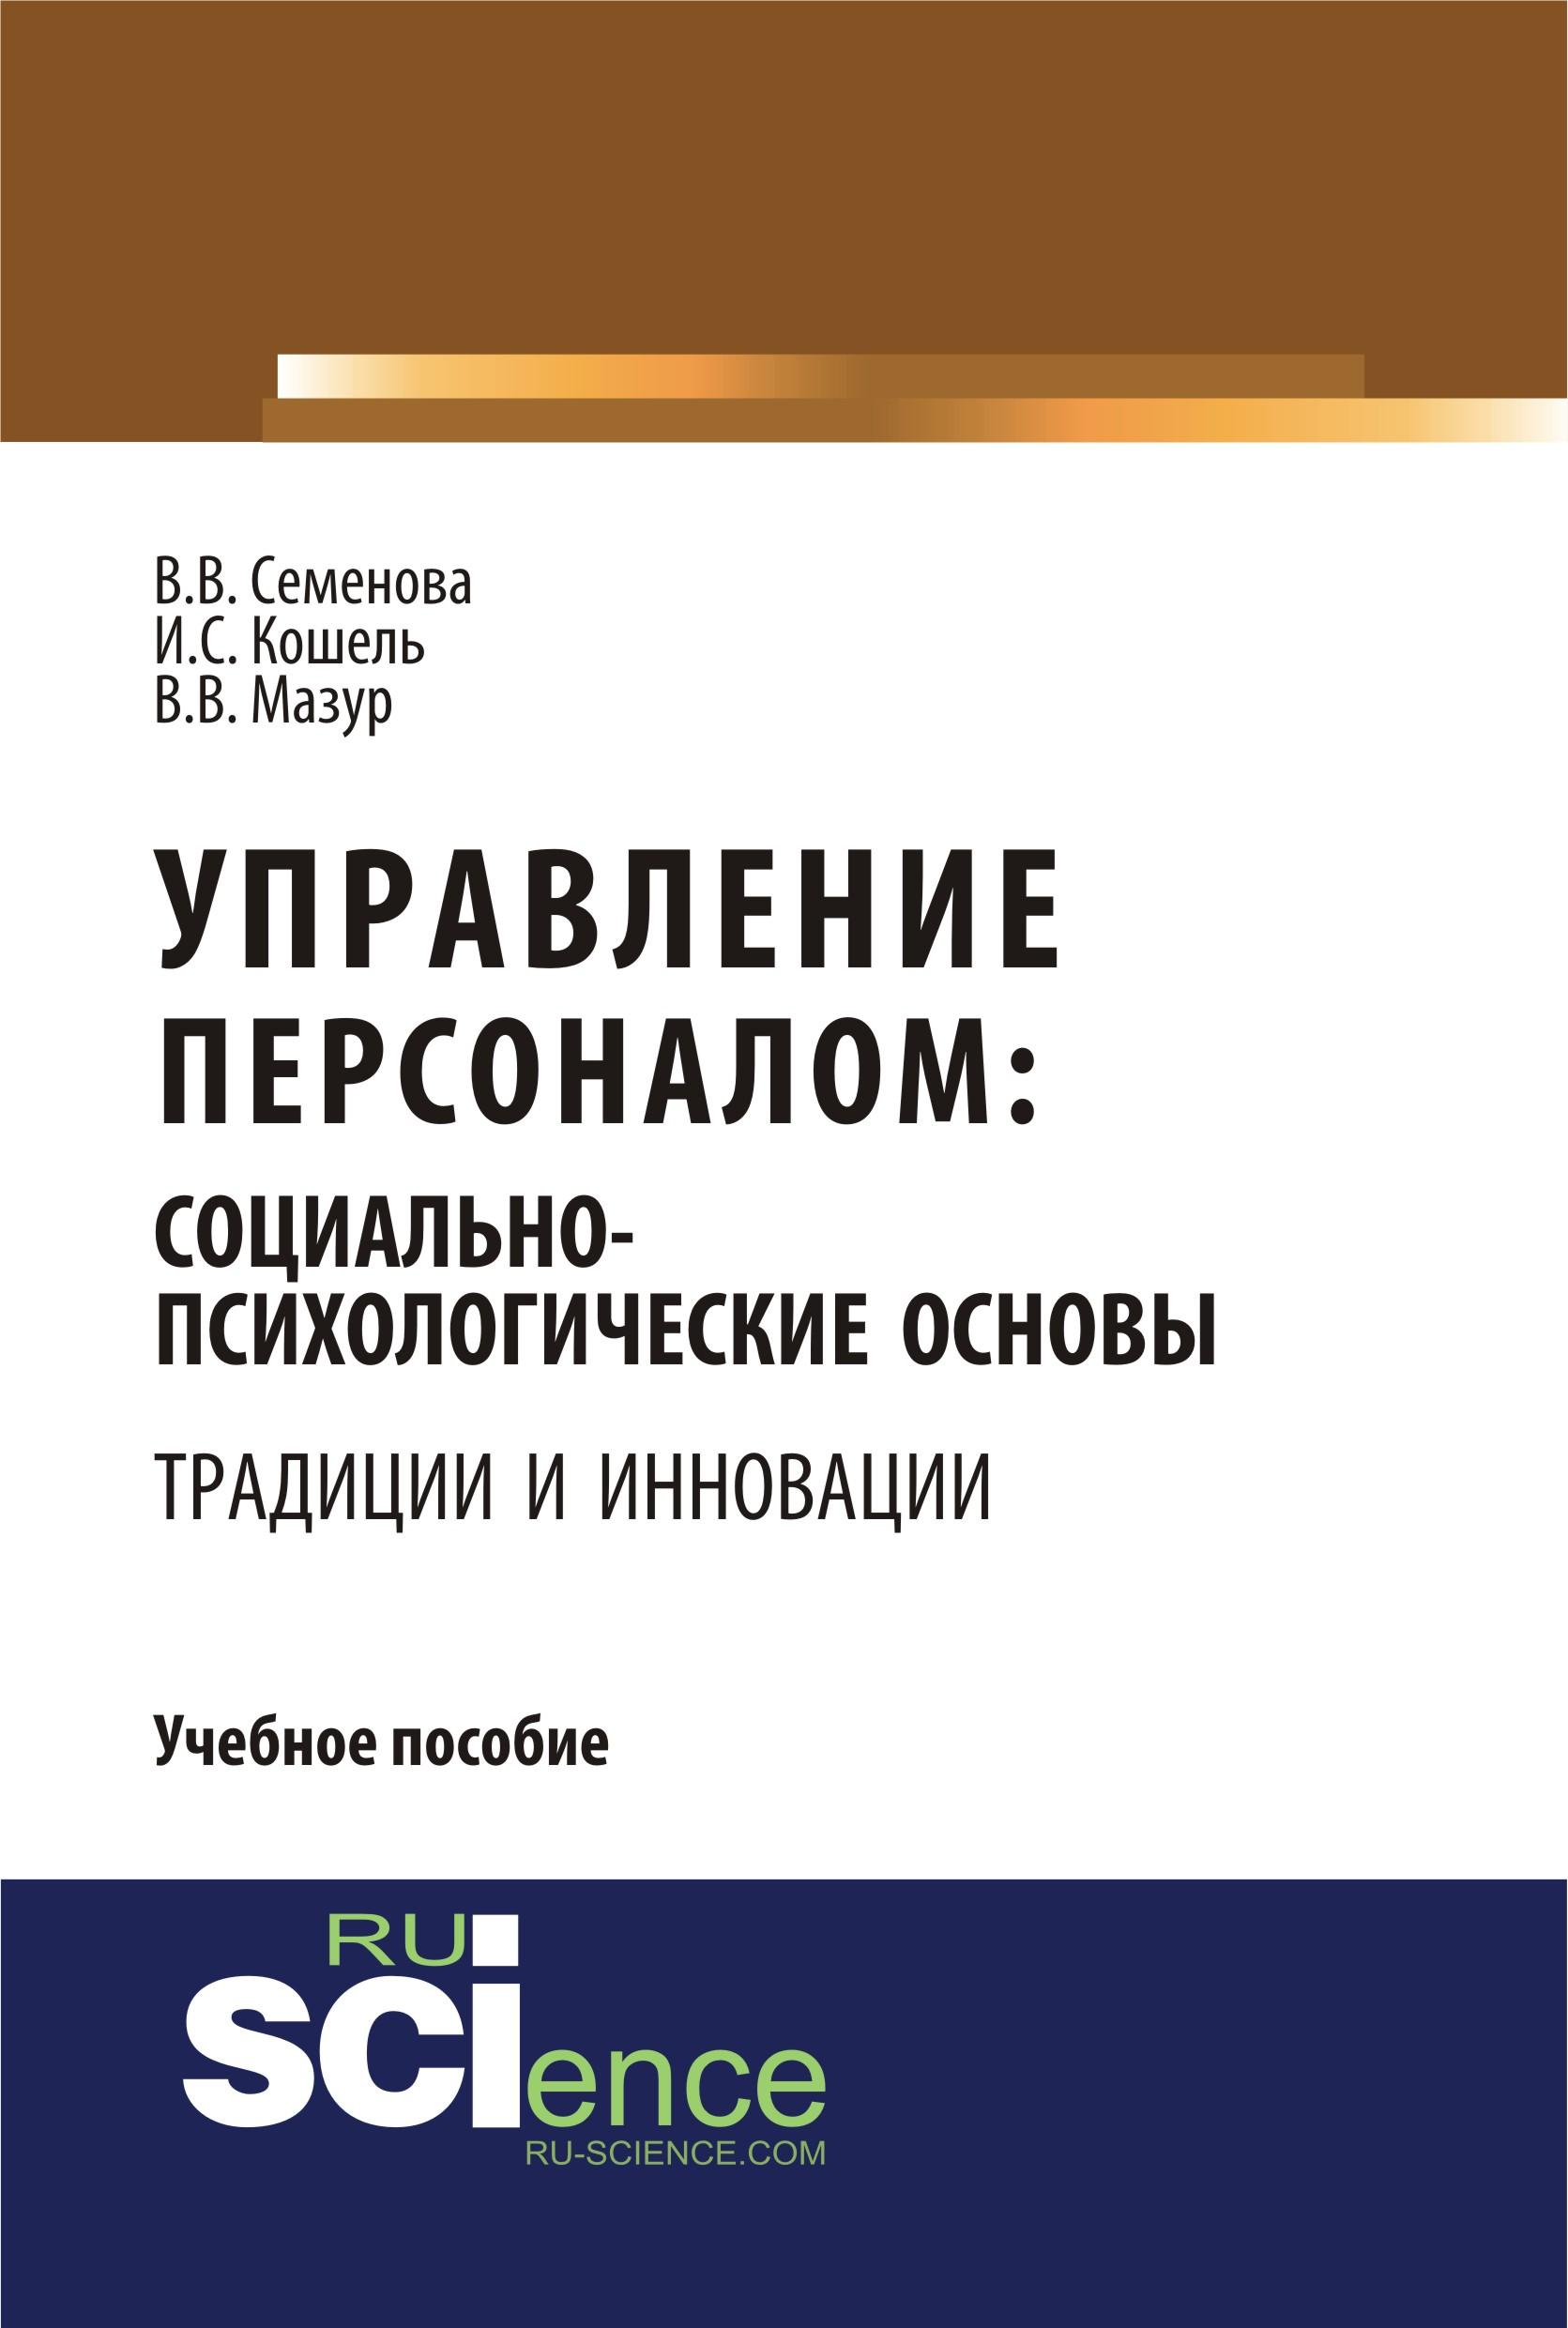 В. В. Семенова Управление персоналом: социально-психологические основы. Традиции и инновации